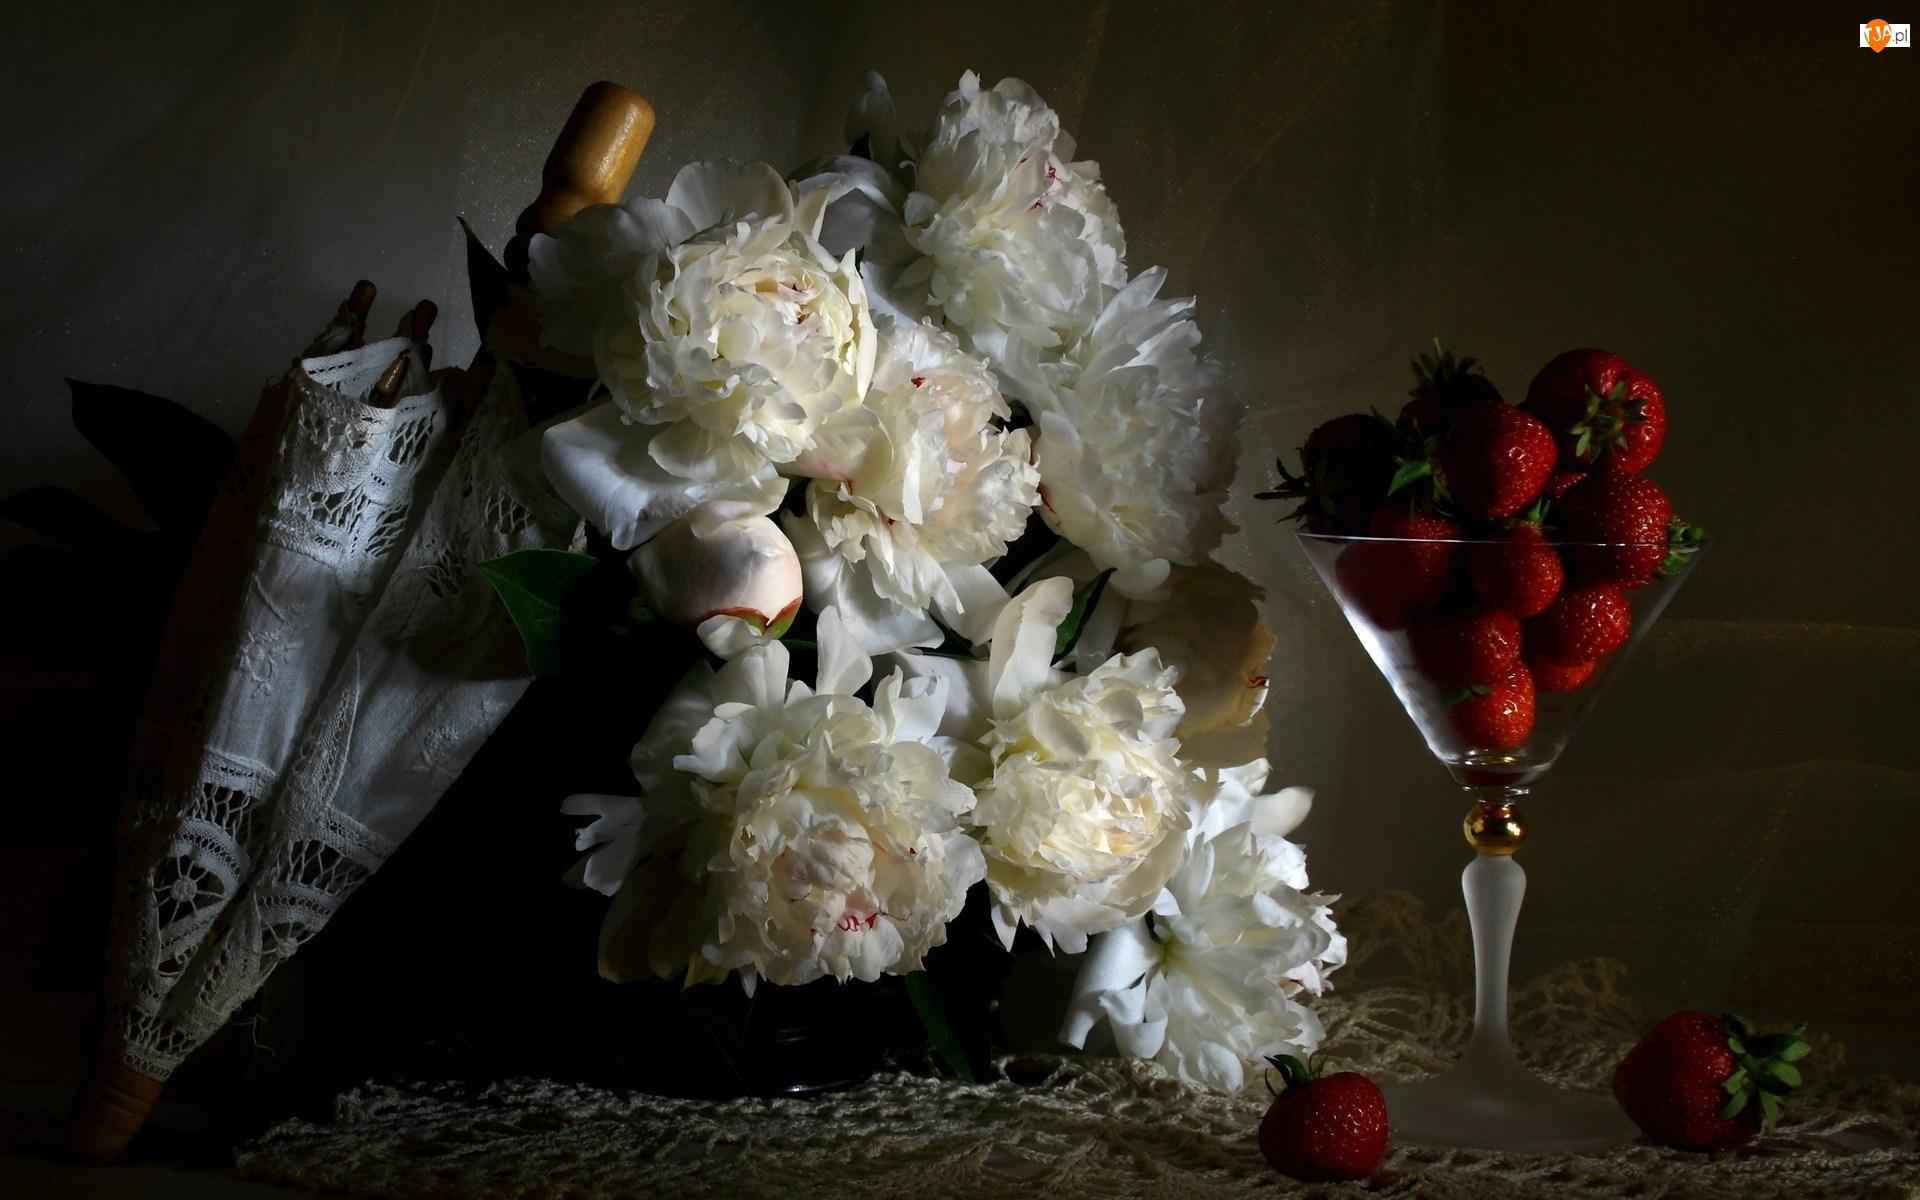 Kwiatów, Parasolka, Truskawki, Kielich, Bukiet